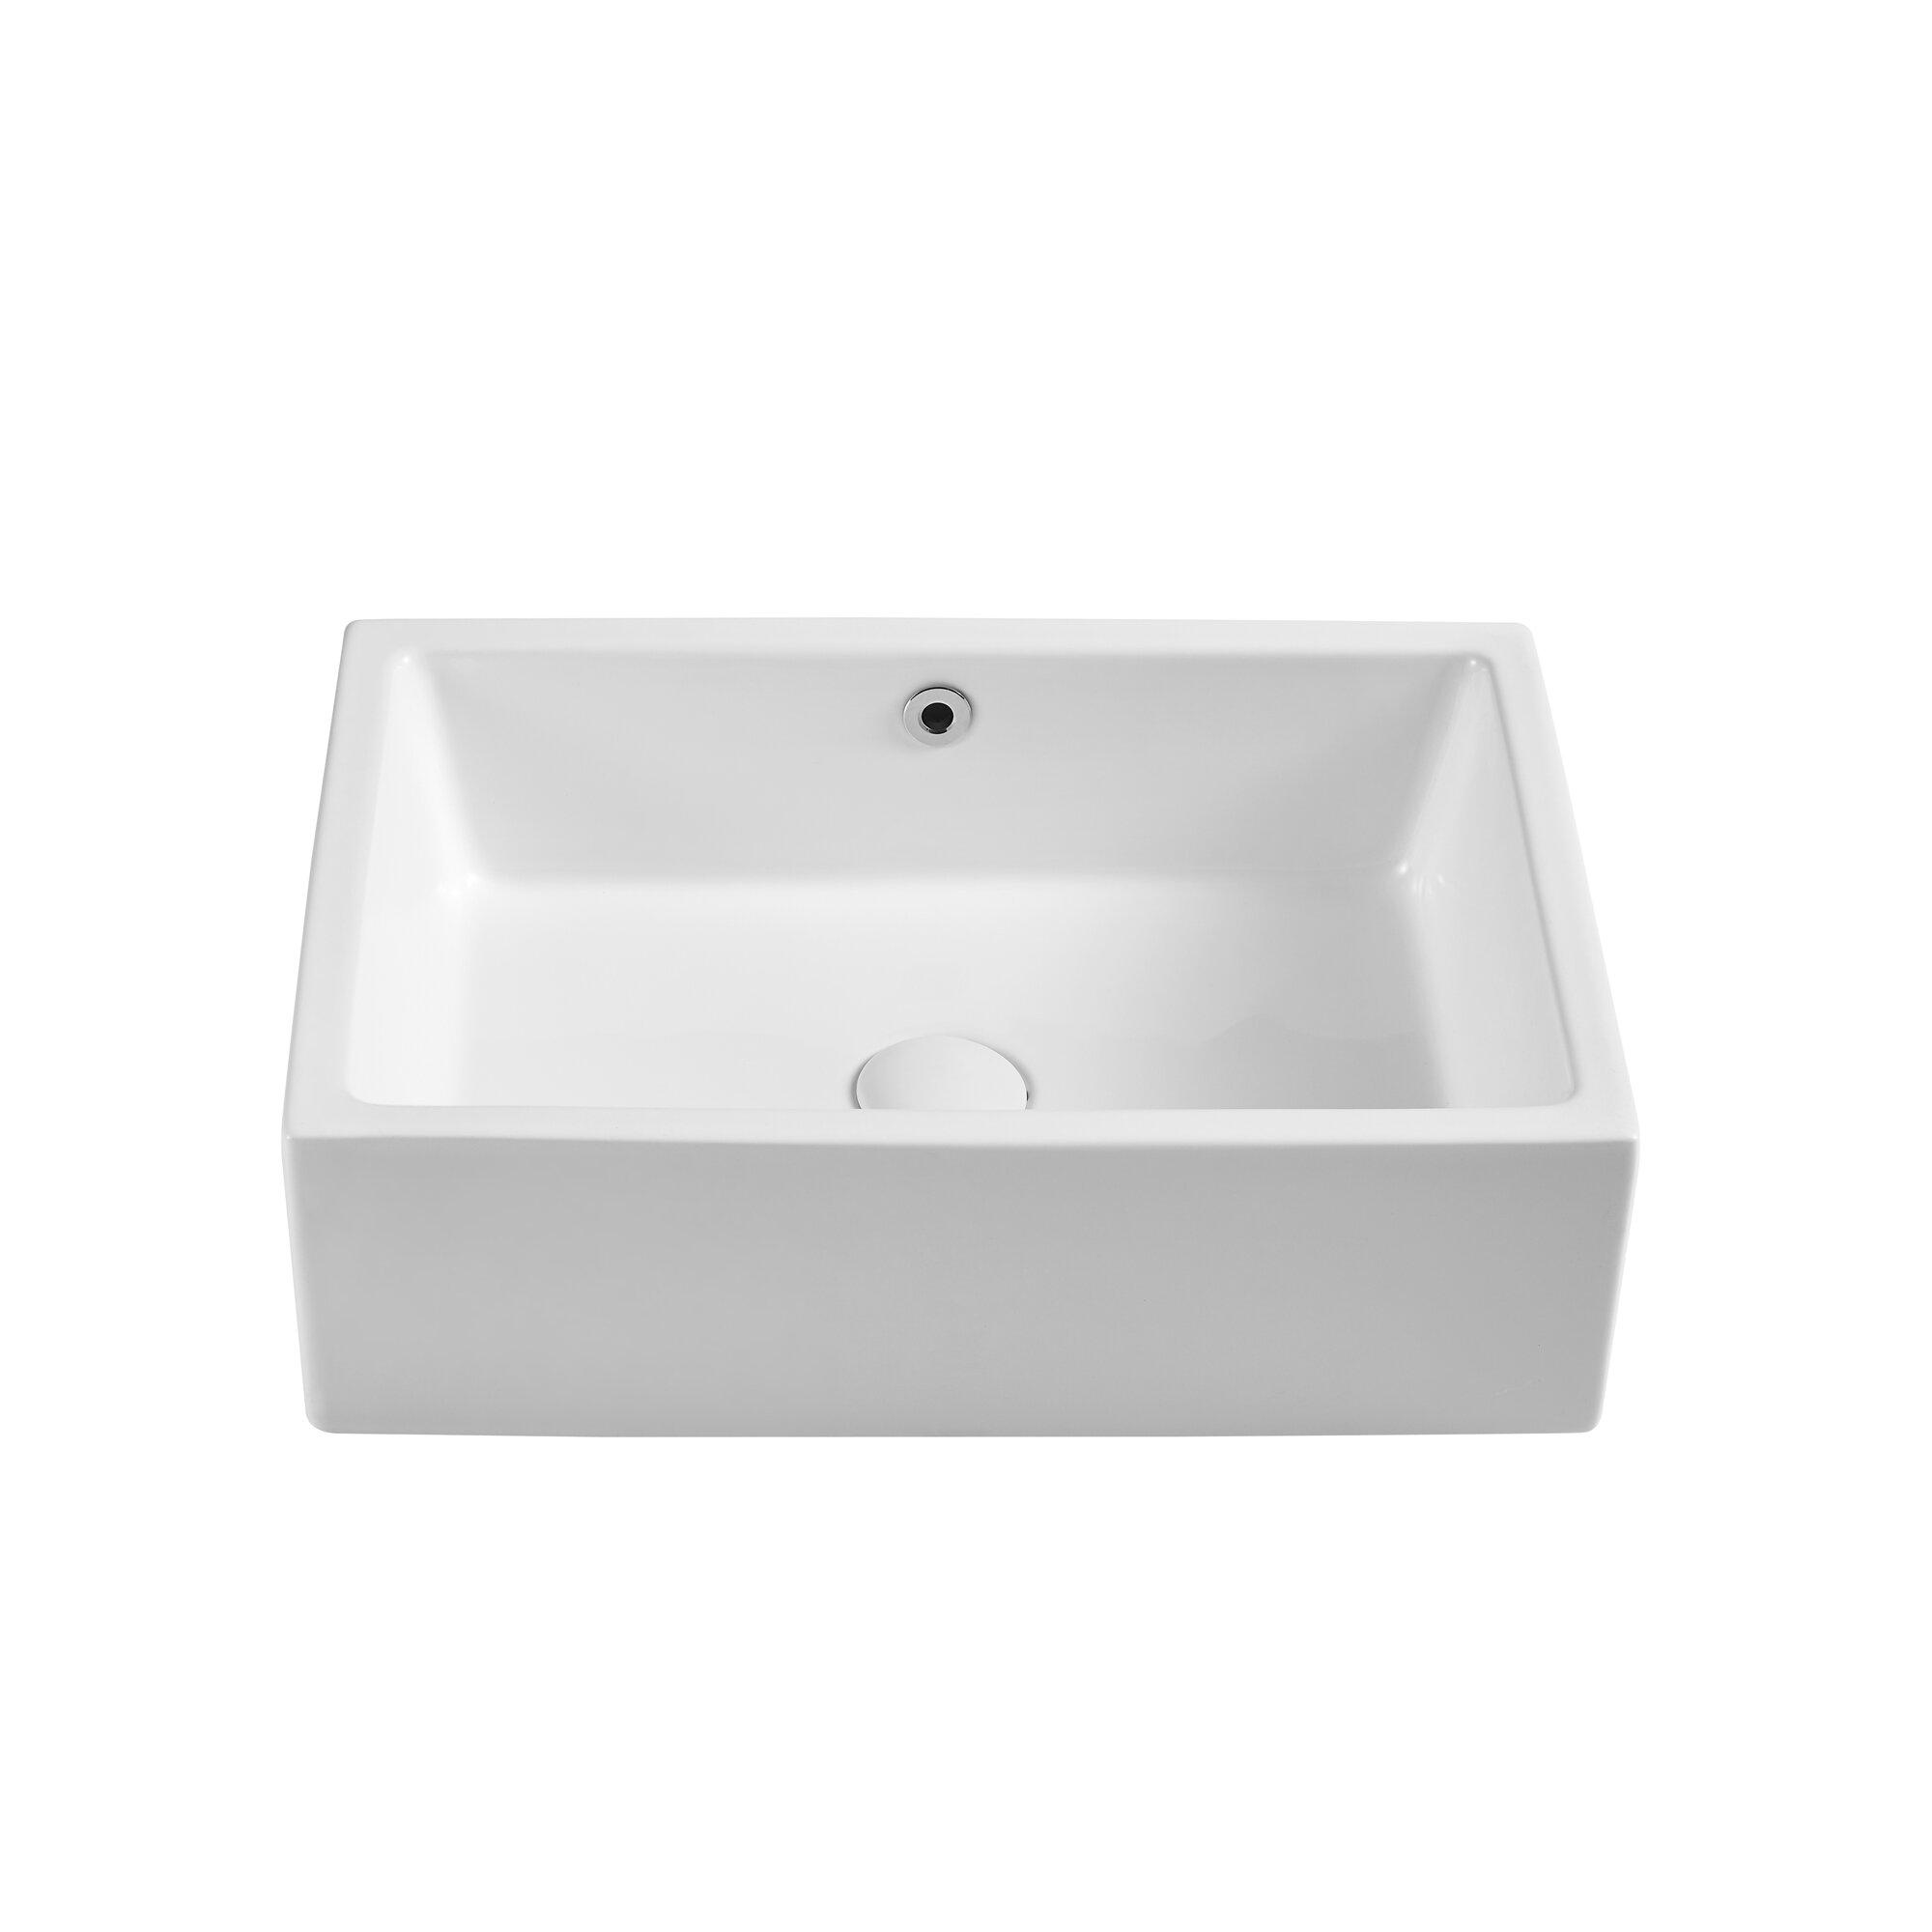 Aufind White Ceramic Rectangular Vessel Bathroom Sink With Overflow Wayfair